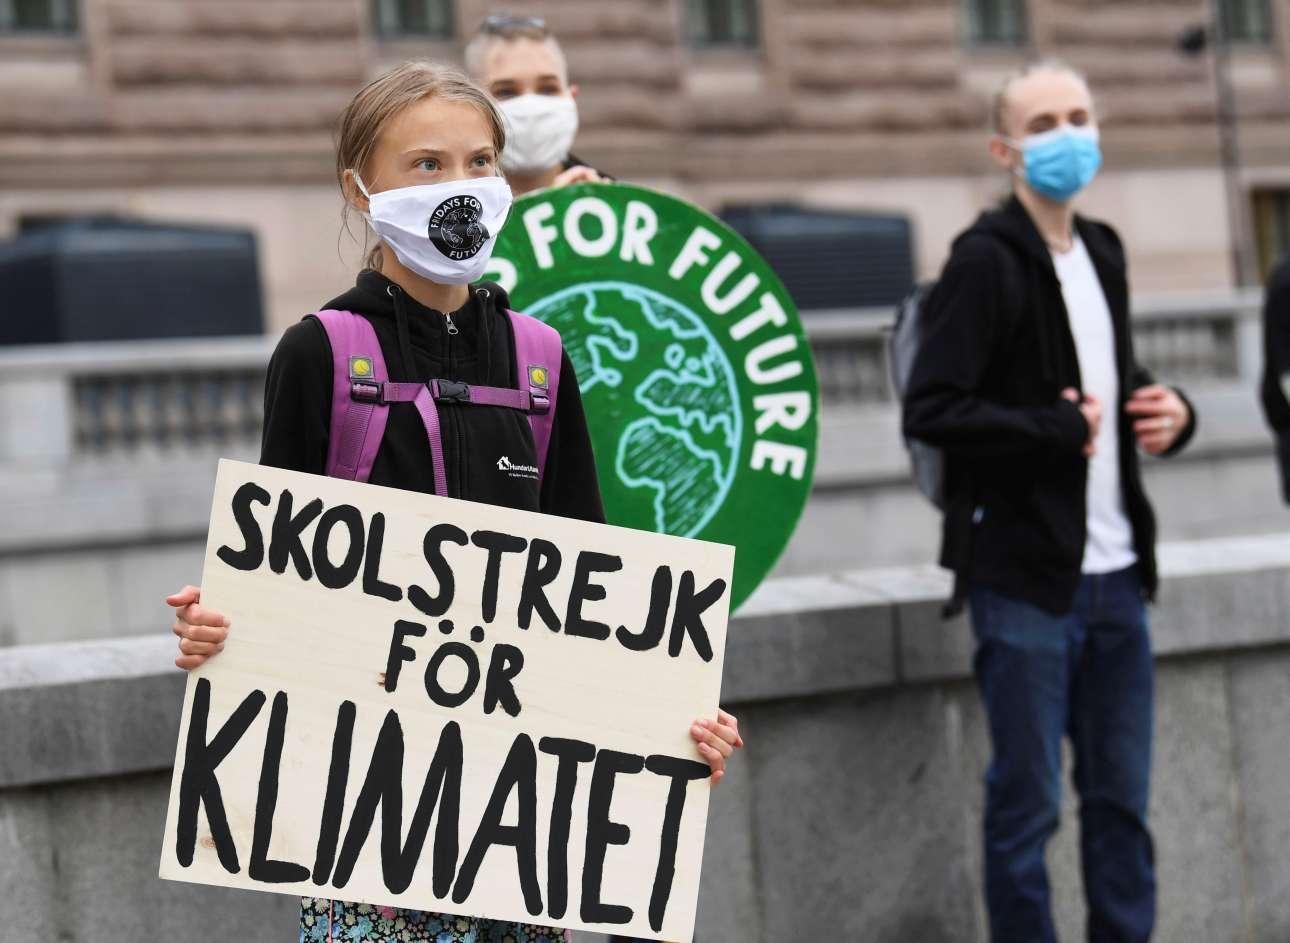 Σουηδία: Η Γκρέτα στον αγώνα, αλλά οι Πράσινοι στον… πάτο